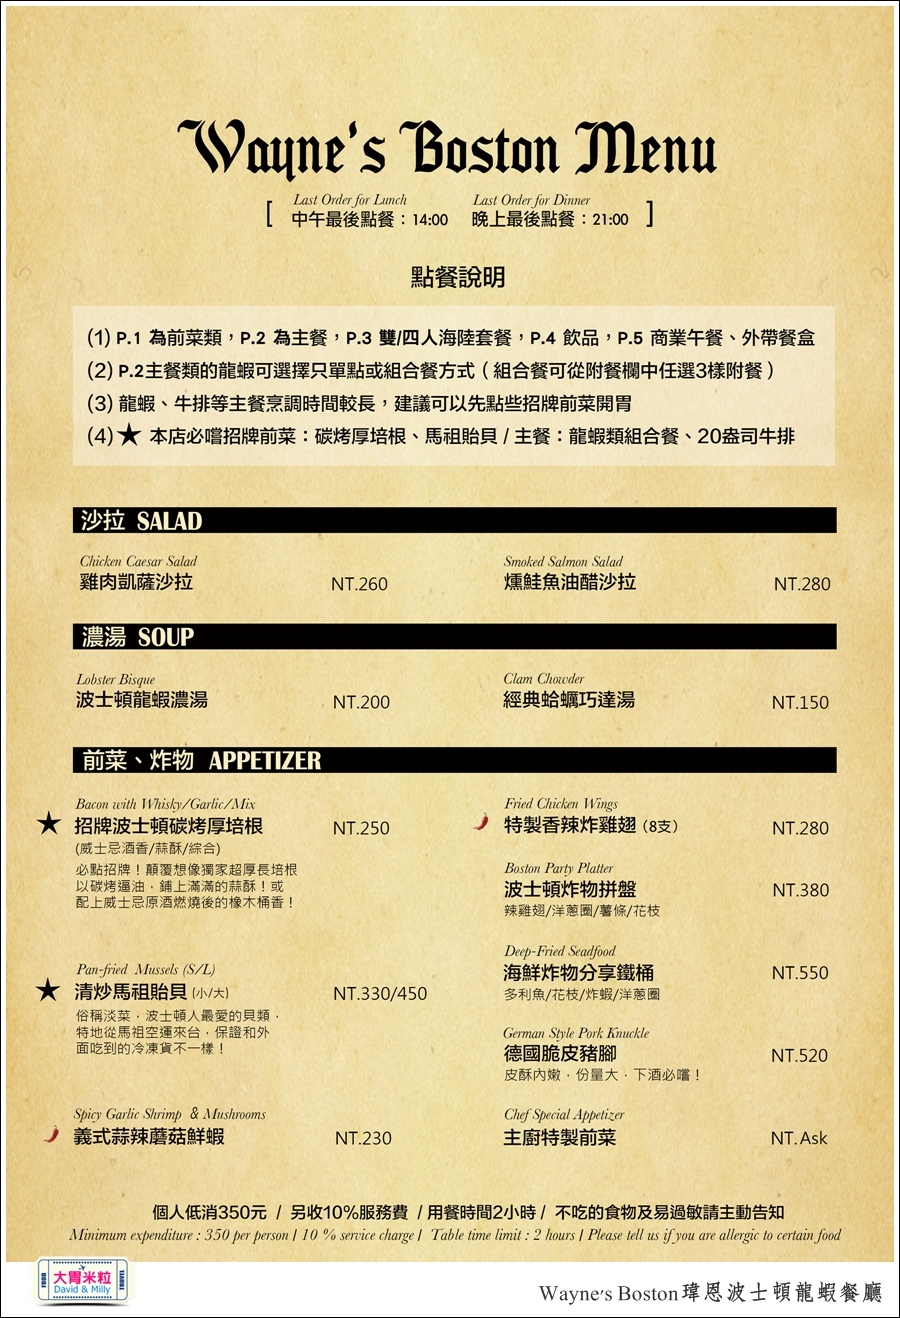 台北龍蝦餐廳推薦@Wayne's Boston瑋恩波士頓龍蝦餐酒館@大胃米粒0071 (1).jpg